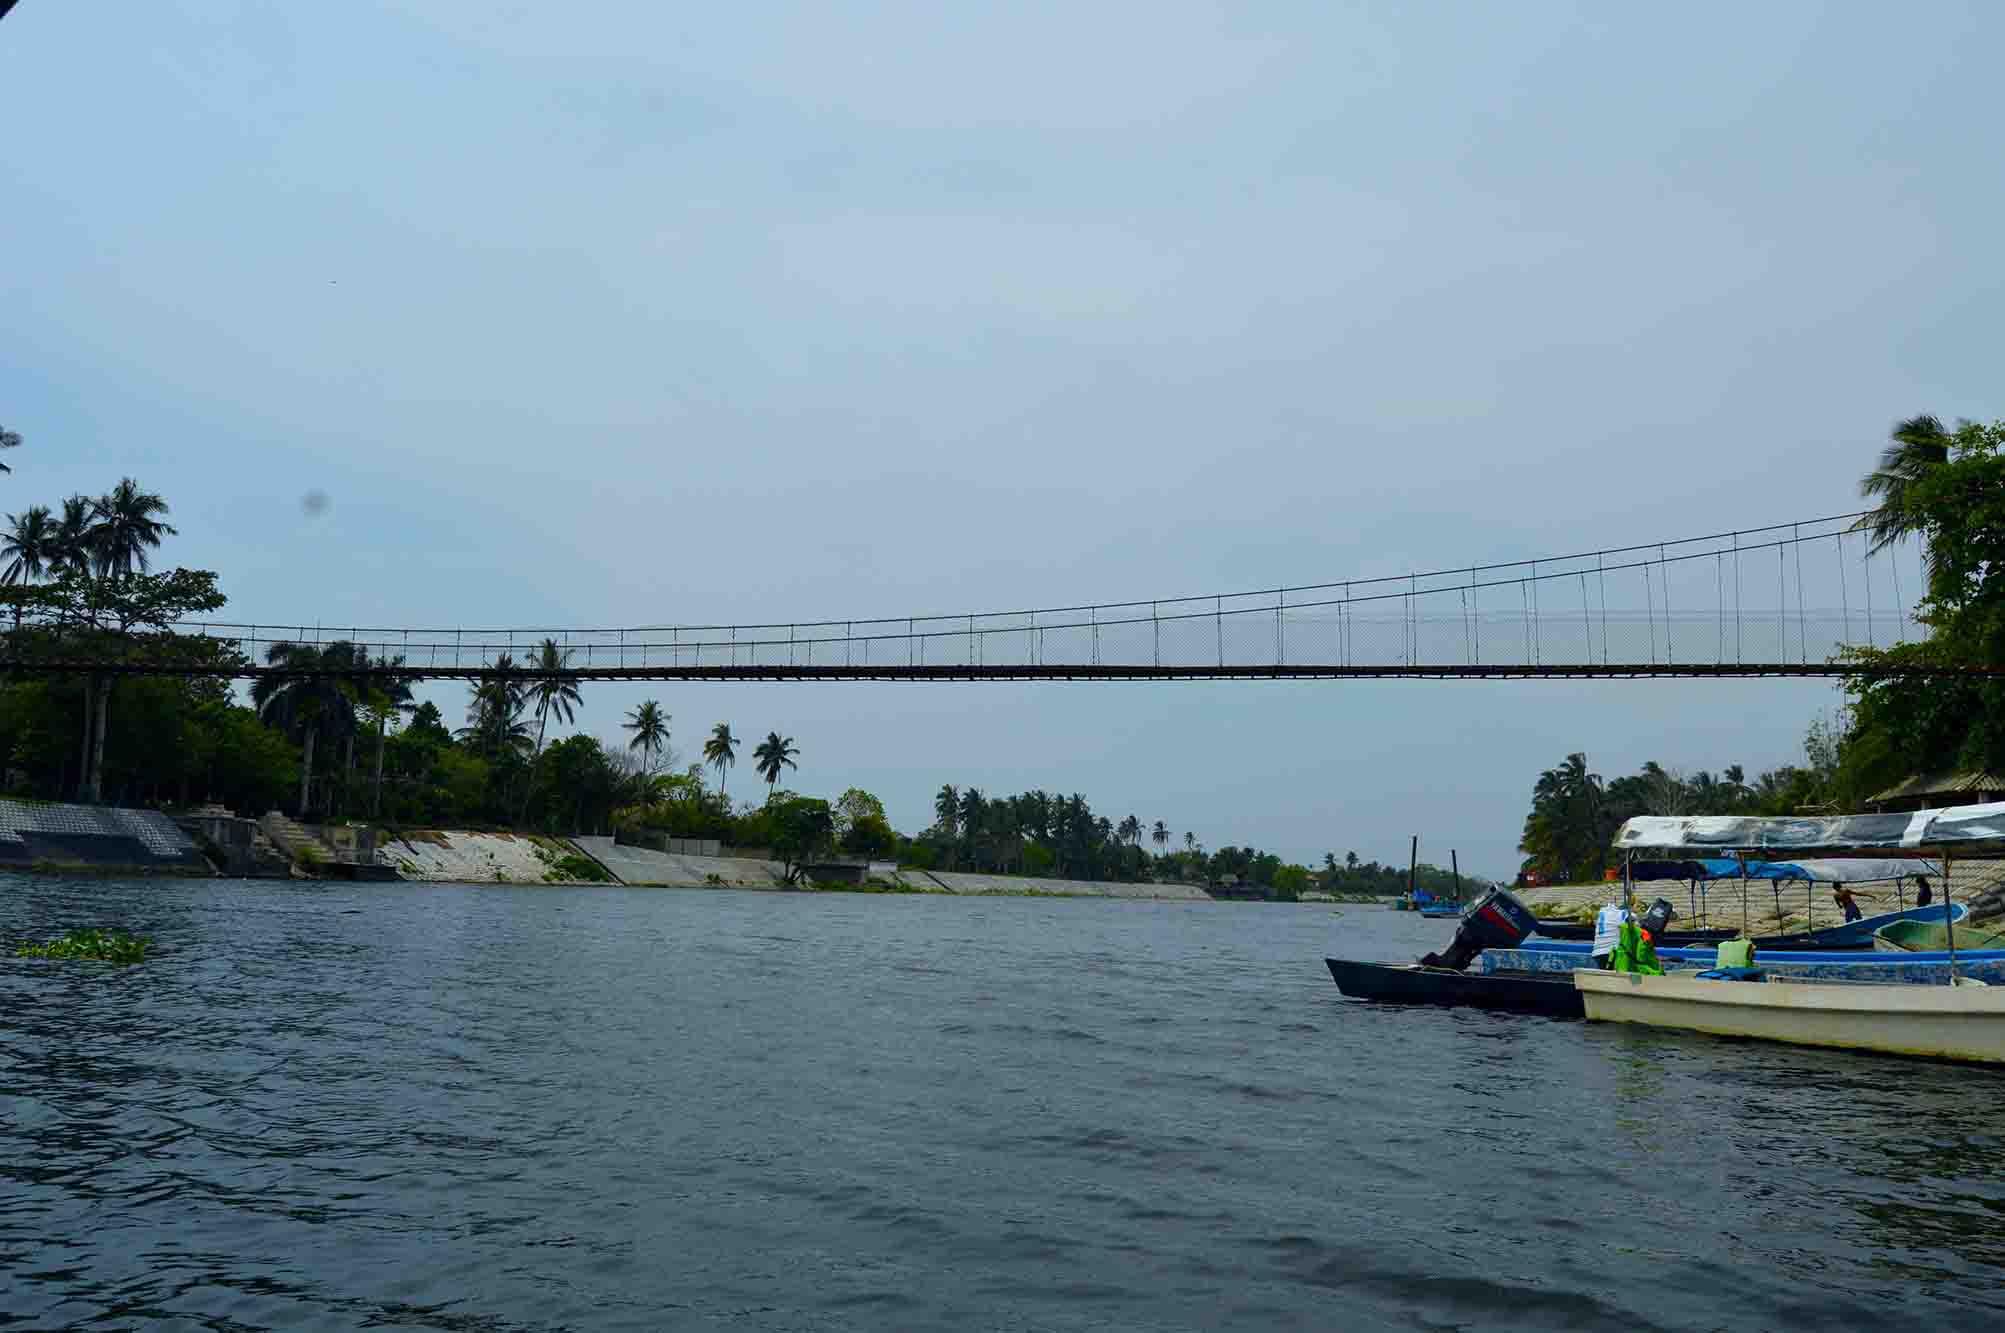 Cuencas de Veracruz dentro del decreto que permitiría privatizar el agua